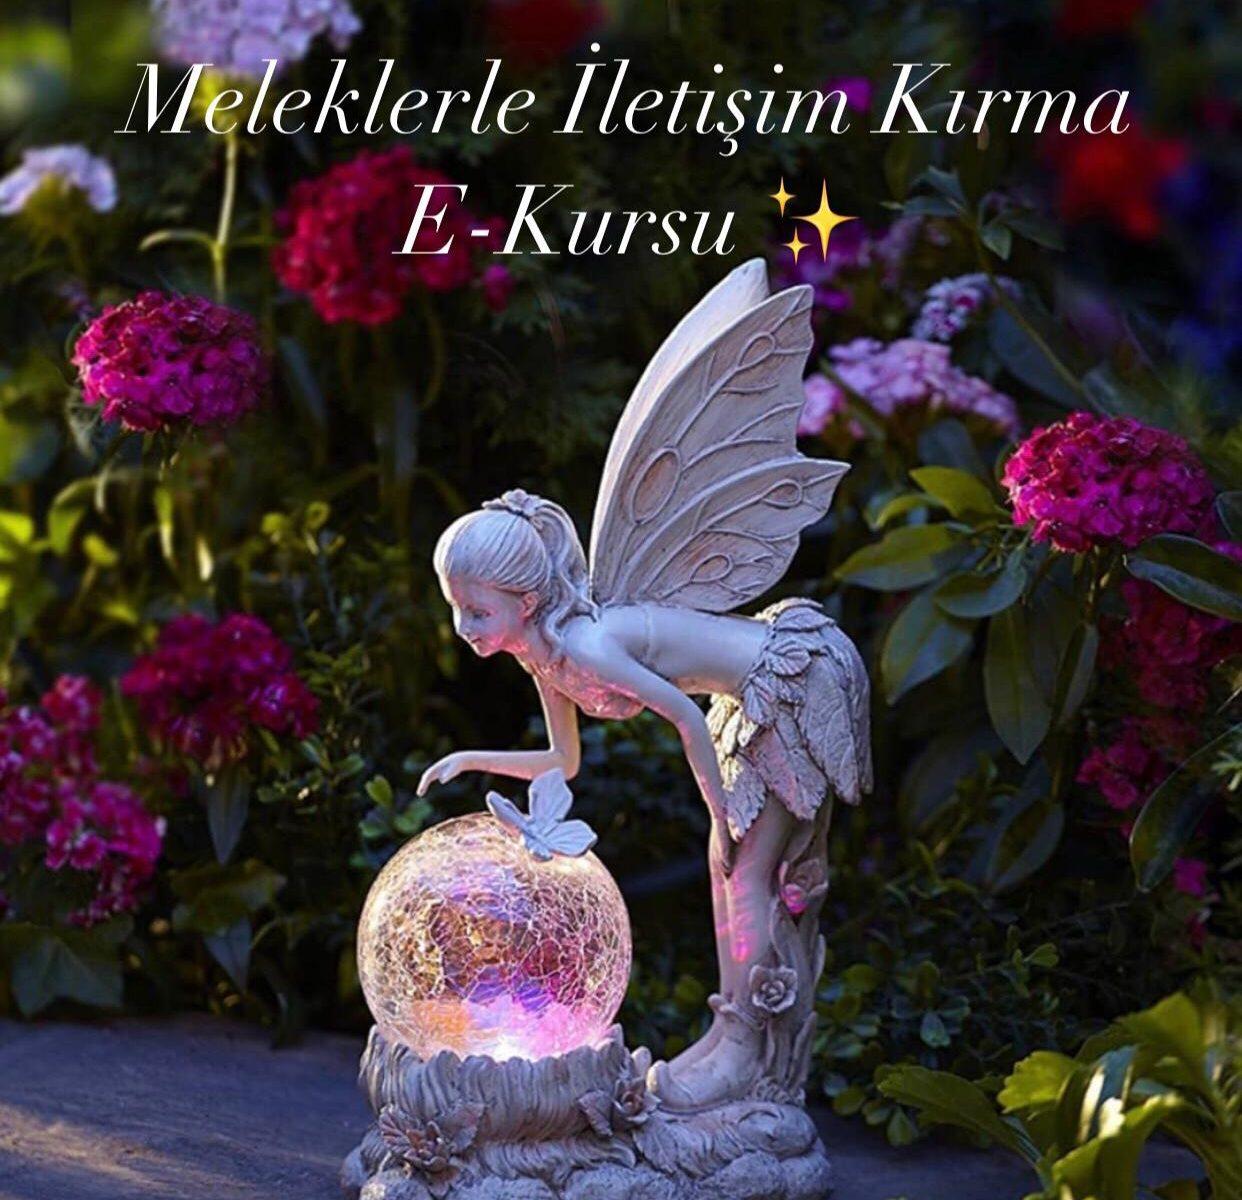 meleklerle iletişim